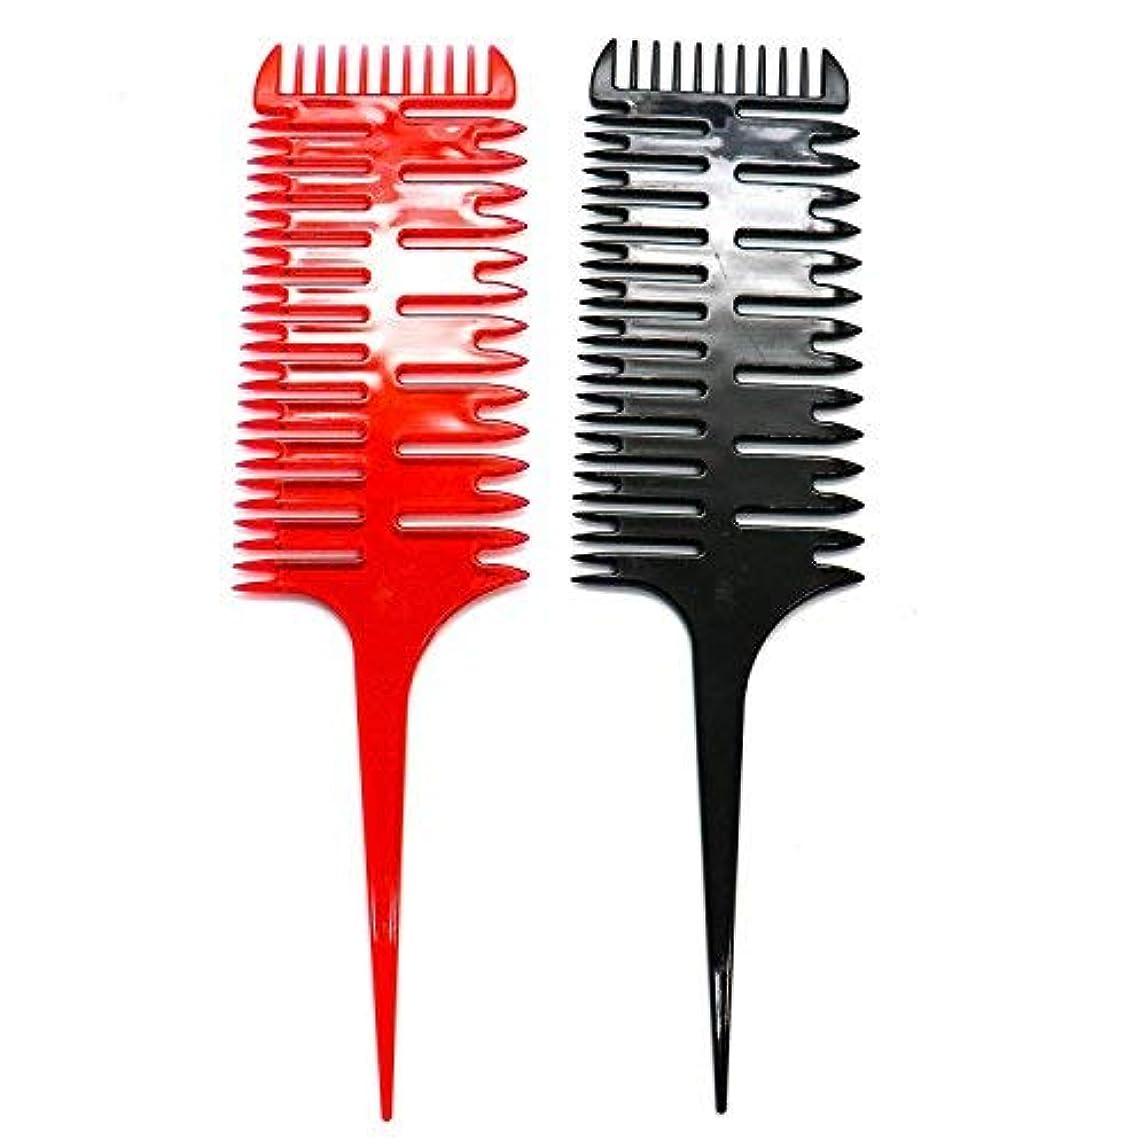 半球乳降ろすHUELE 2 Pcs Professional 3-Way Hair Combs Weaving & Sectioning Foiling Comb for Hair Black+Red [並行輸入品]